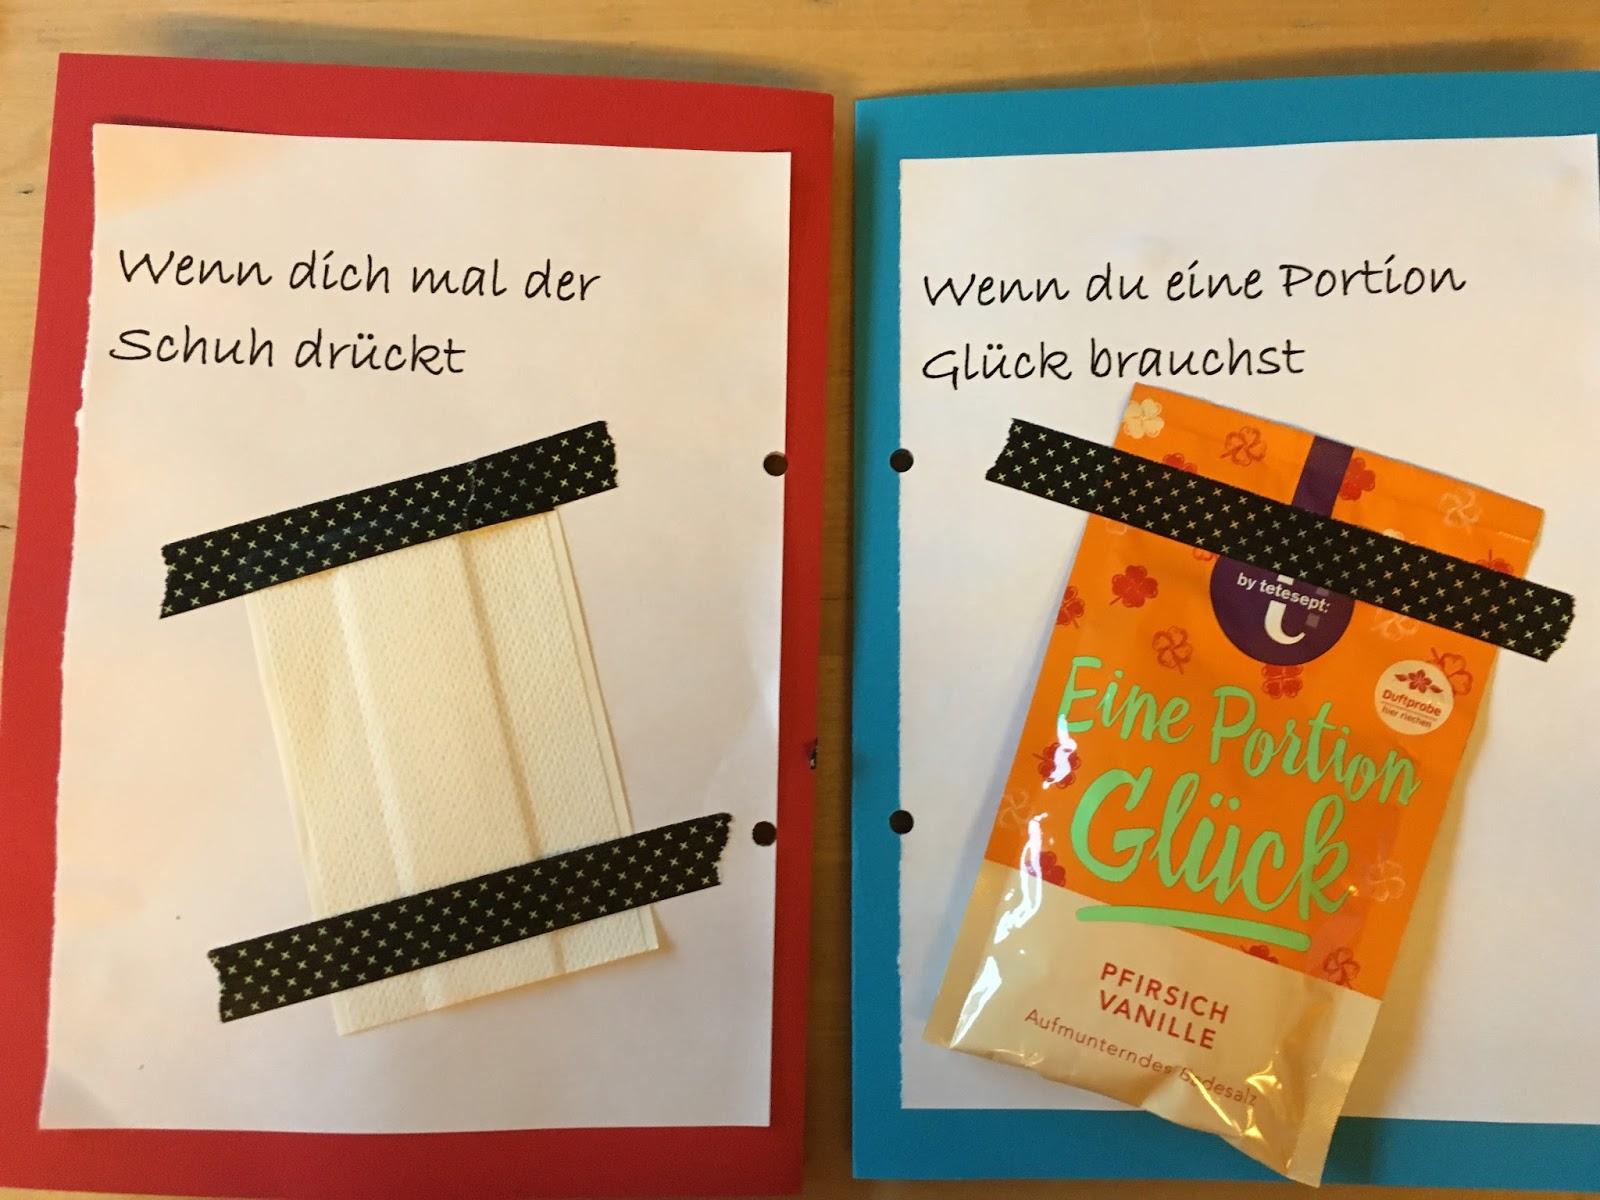 Frisch Geschenk Zum 30. Geburtstag Freund Ideen